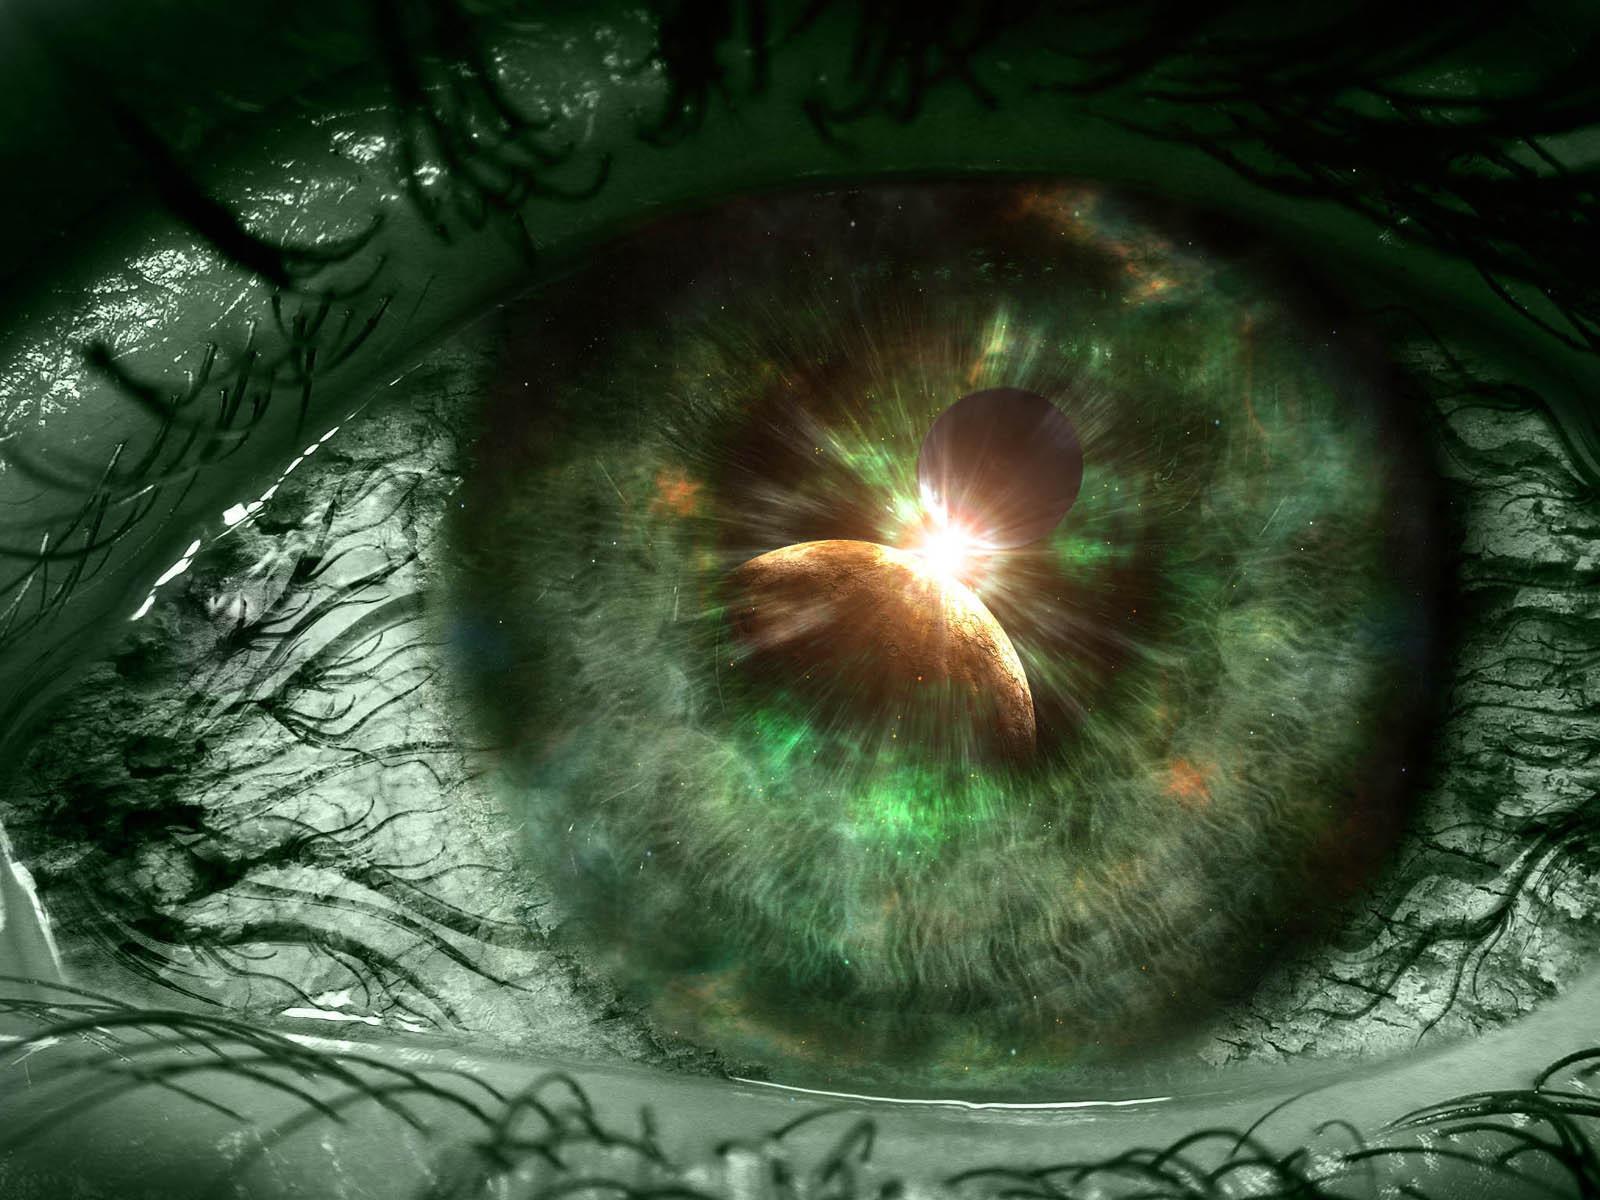 Eye wallpaper   Eyes Wallpaper 8039307 1600x1200